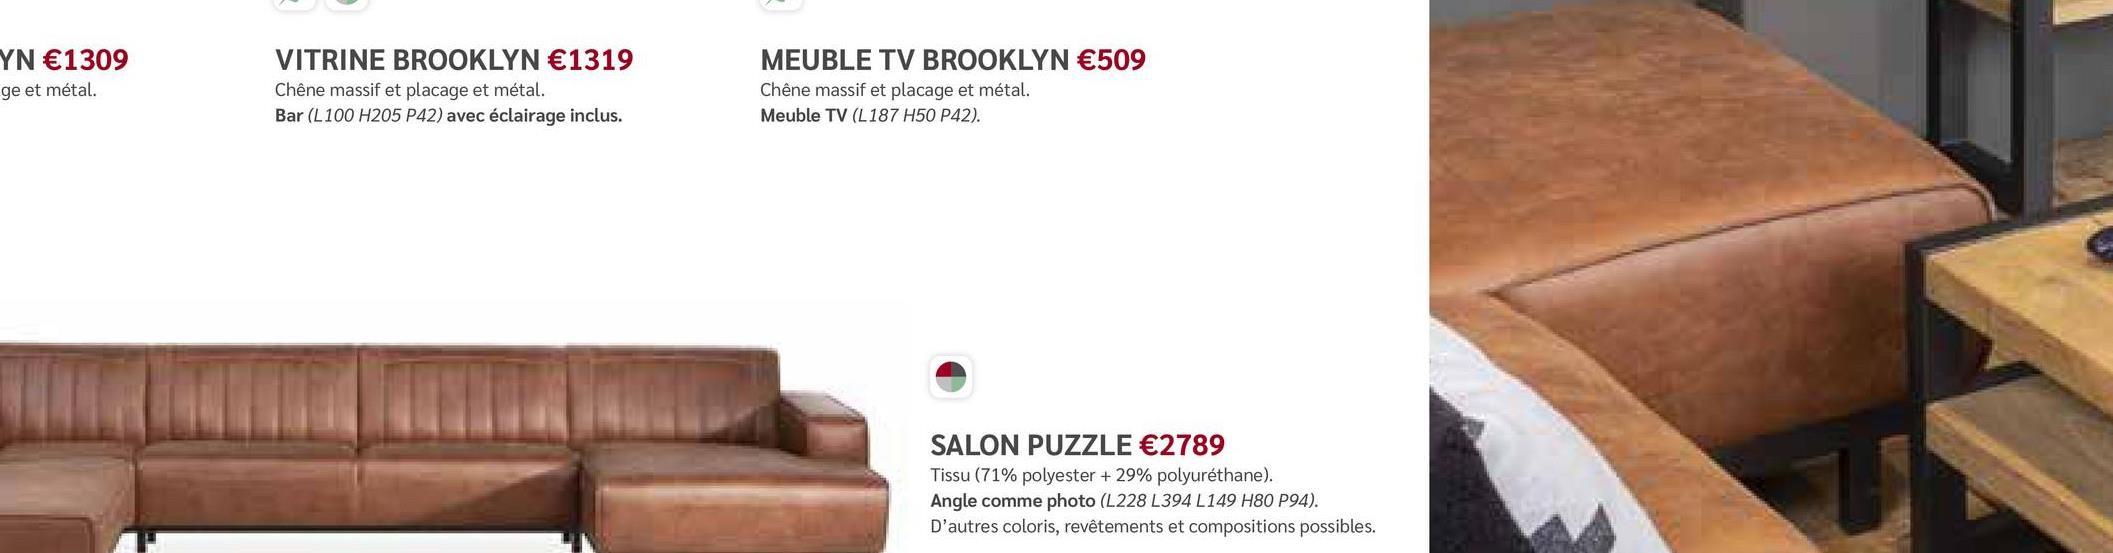 YN €1309 ge et métal. VITRINE BROOKLYN €1319 Chêne massif et placage et métal. Bar (L100 H205 P42) avec éclairage inclus. MEUBLE TV BROOKLYN €509 Chêne massif et placage et métal. Meuble TV (L187 H50 P42). WA SALON PUZZLE €2789 Tissu (71% polyester + 29% polyuréthane). Angle comme photo (L228 L394 L149 H80 P94). D'autres coloris, revêtements et compositions possibles.